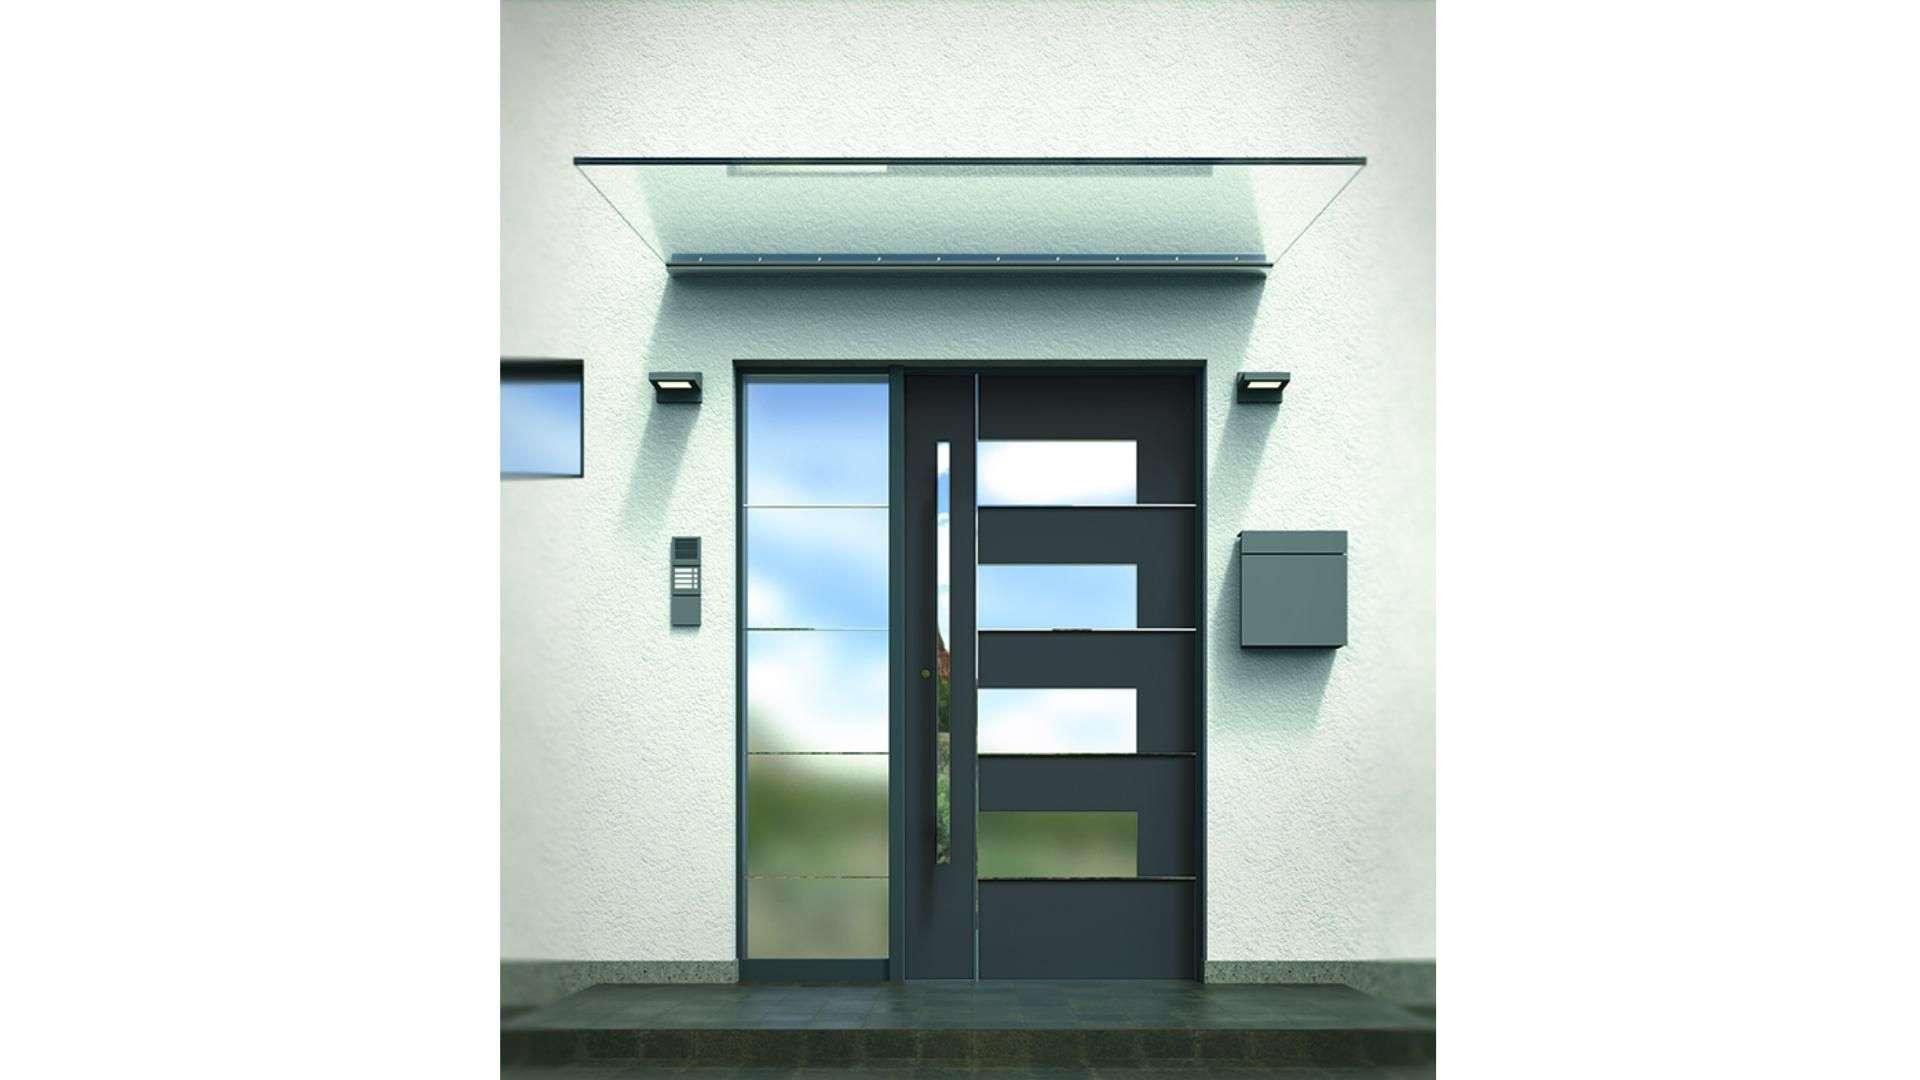 Vordach VD 1510 aus Glas über einer Haustür